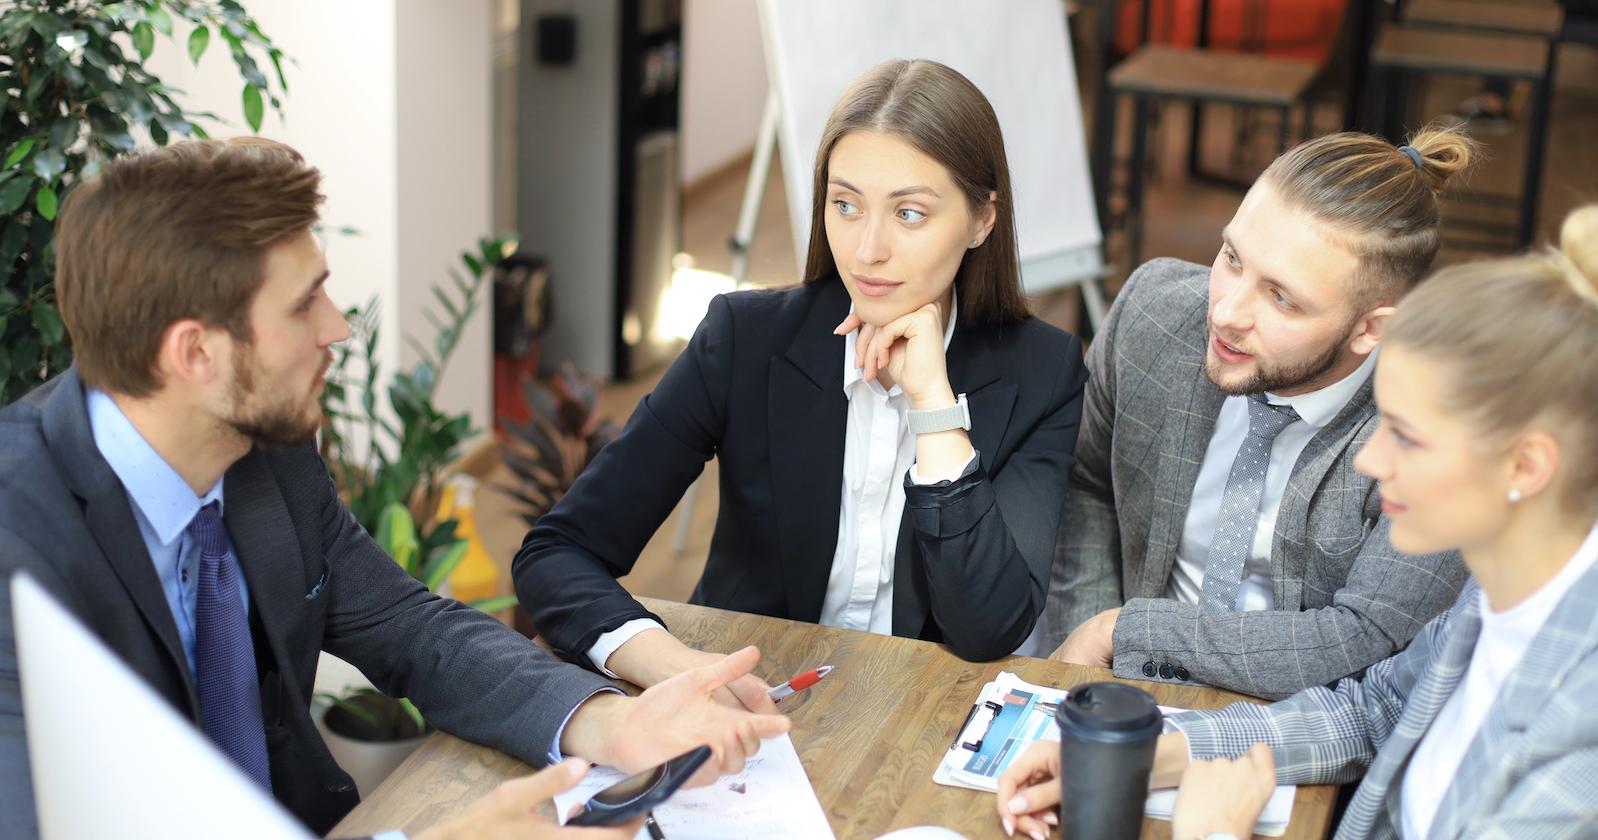 Generalist or specialist marketing agency